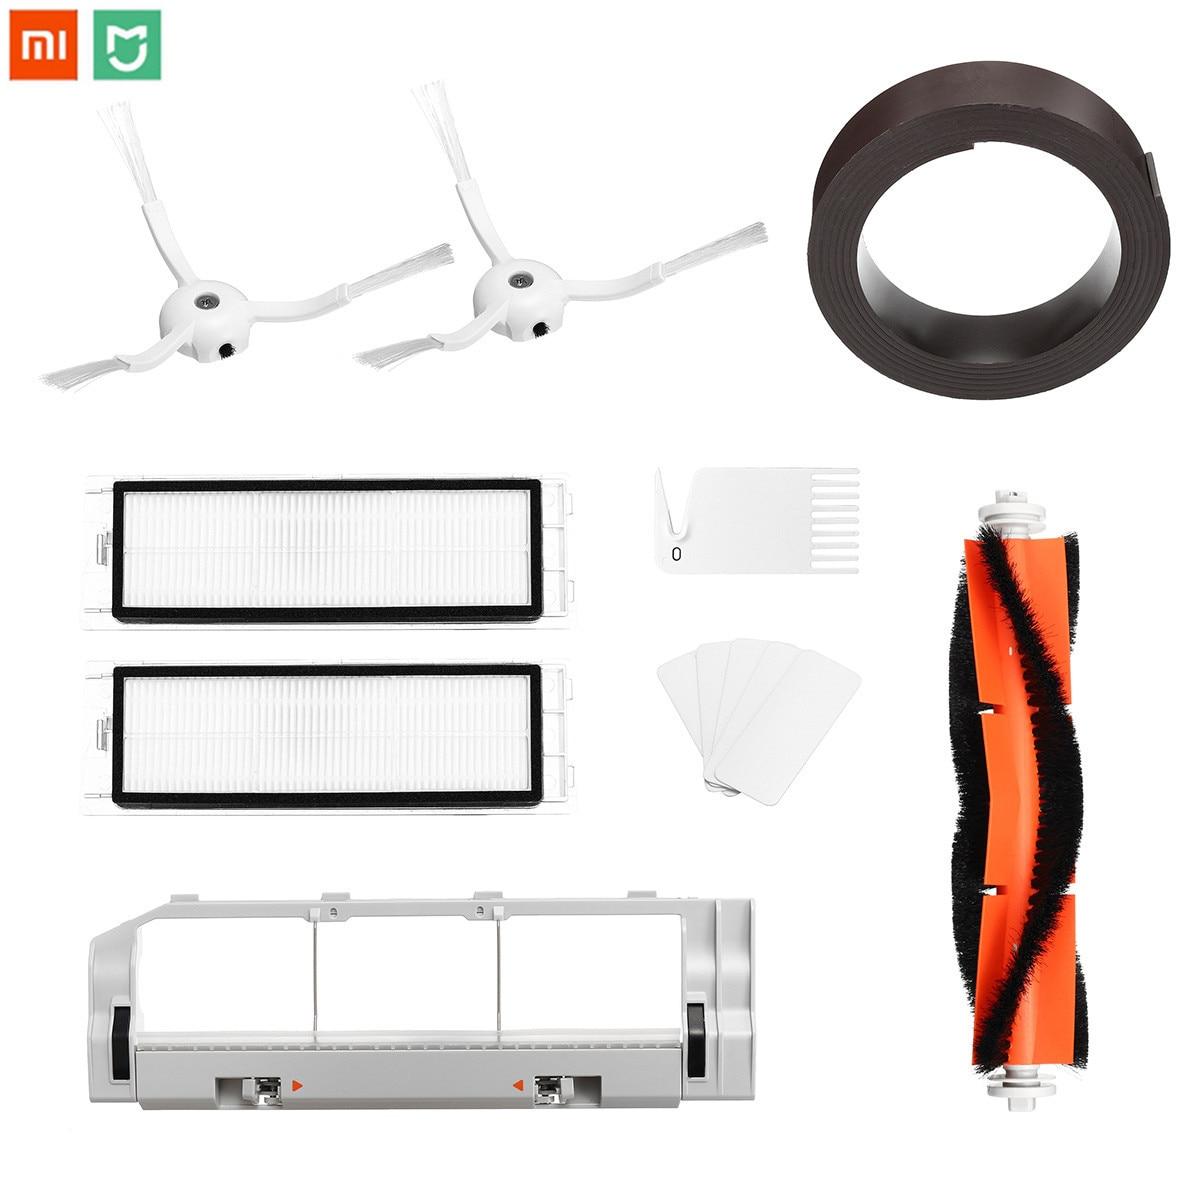 13 pcs XIAOMI MI Robot aspirateur pièces HEPA filtre brosse aimant pour XIAOMI MI Roborock accessoire aspirateur